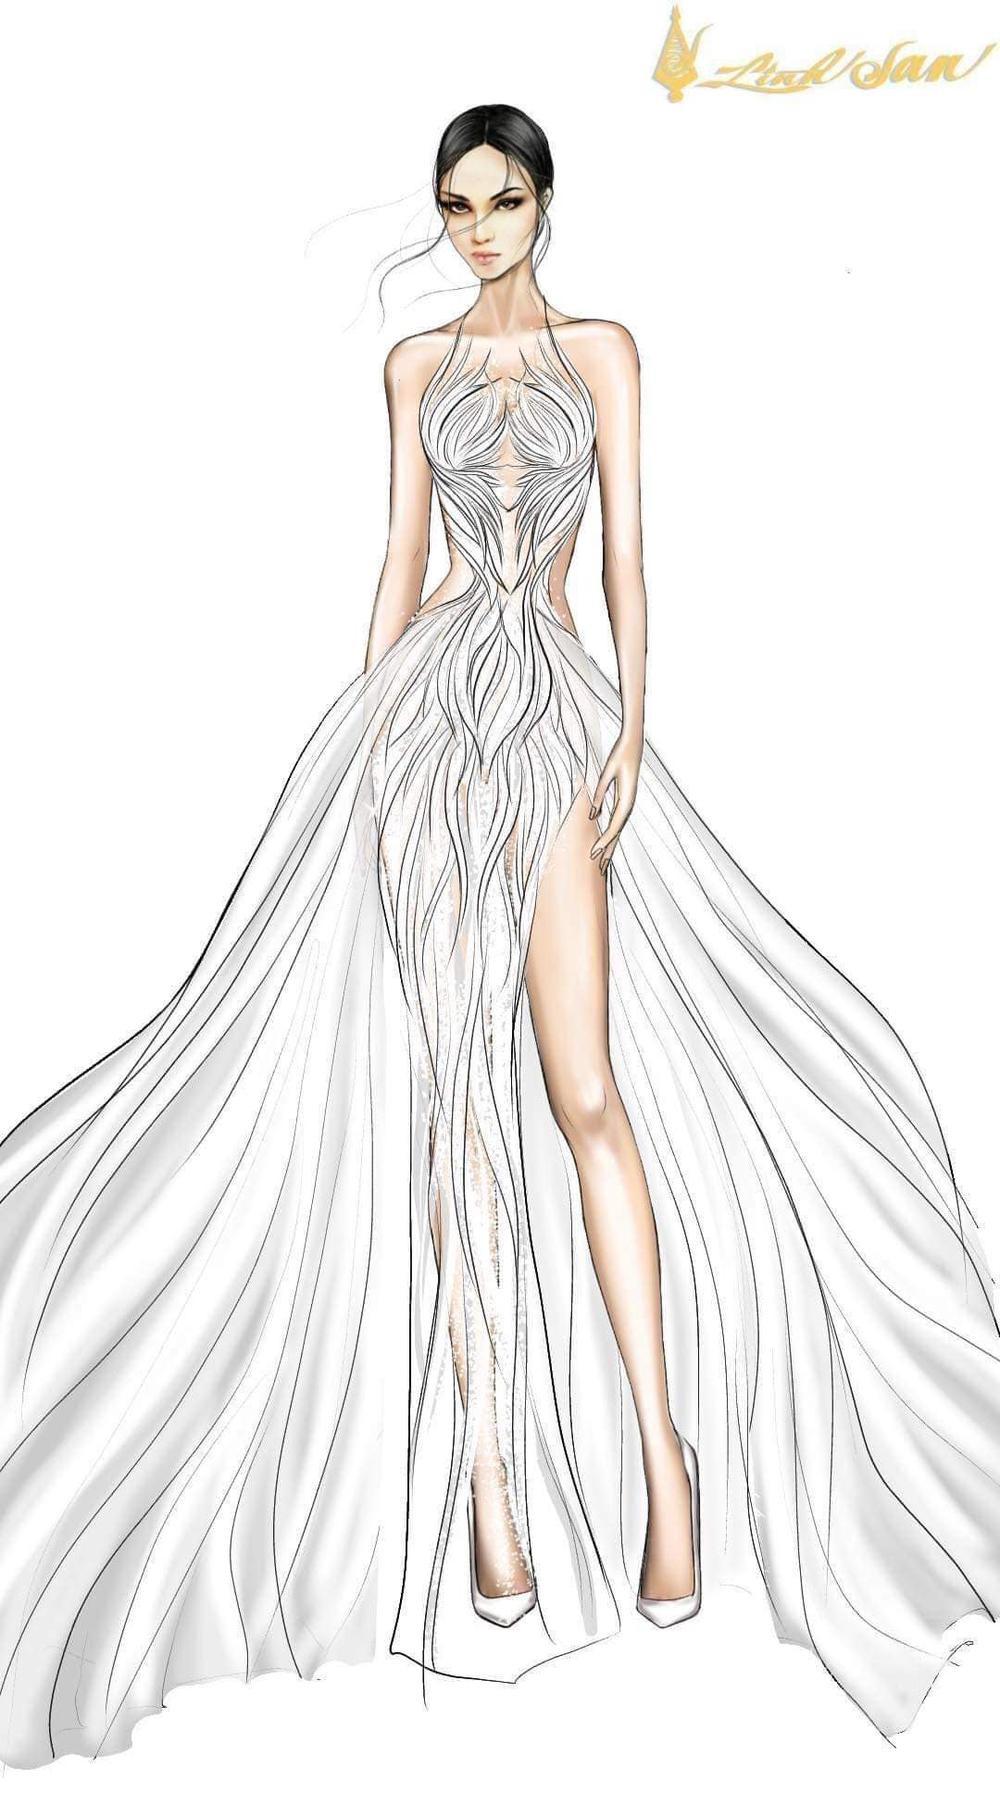 7 bộ váy dạ hội đẹp tinh xảo mà Ngọc Thảo không có cơ hội trình diễn tại Miss Grand International Ảnh 16